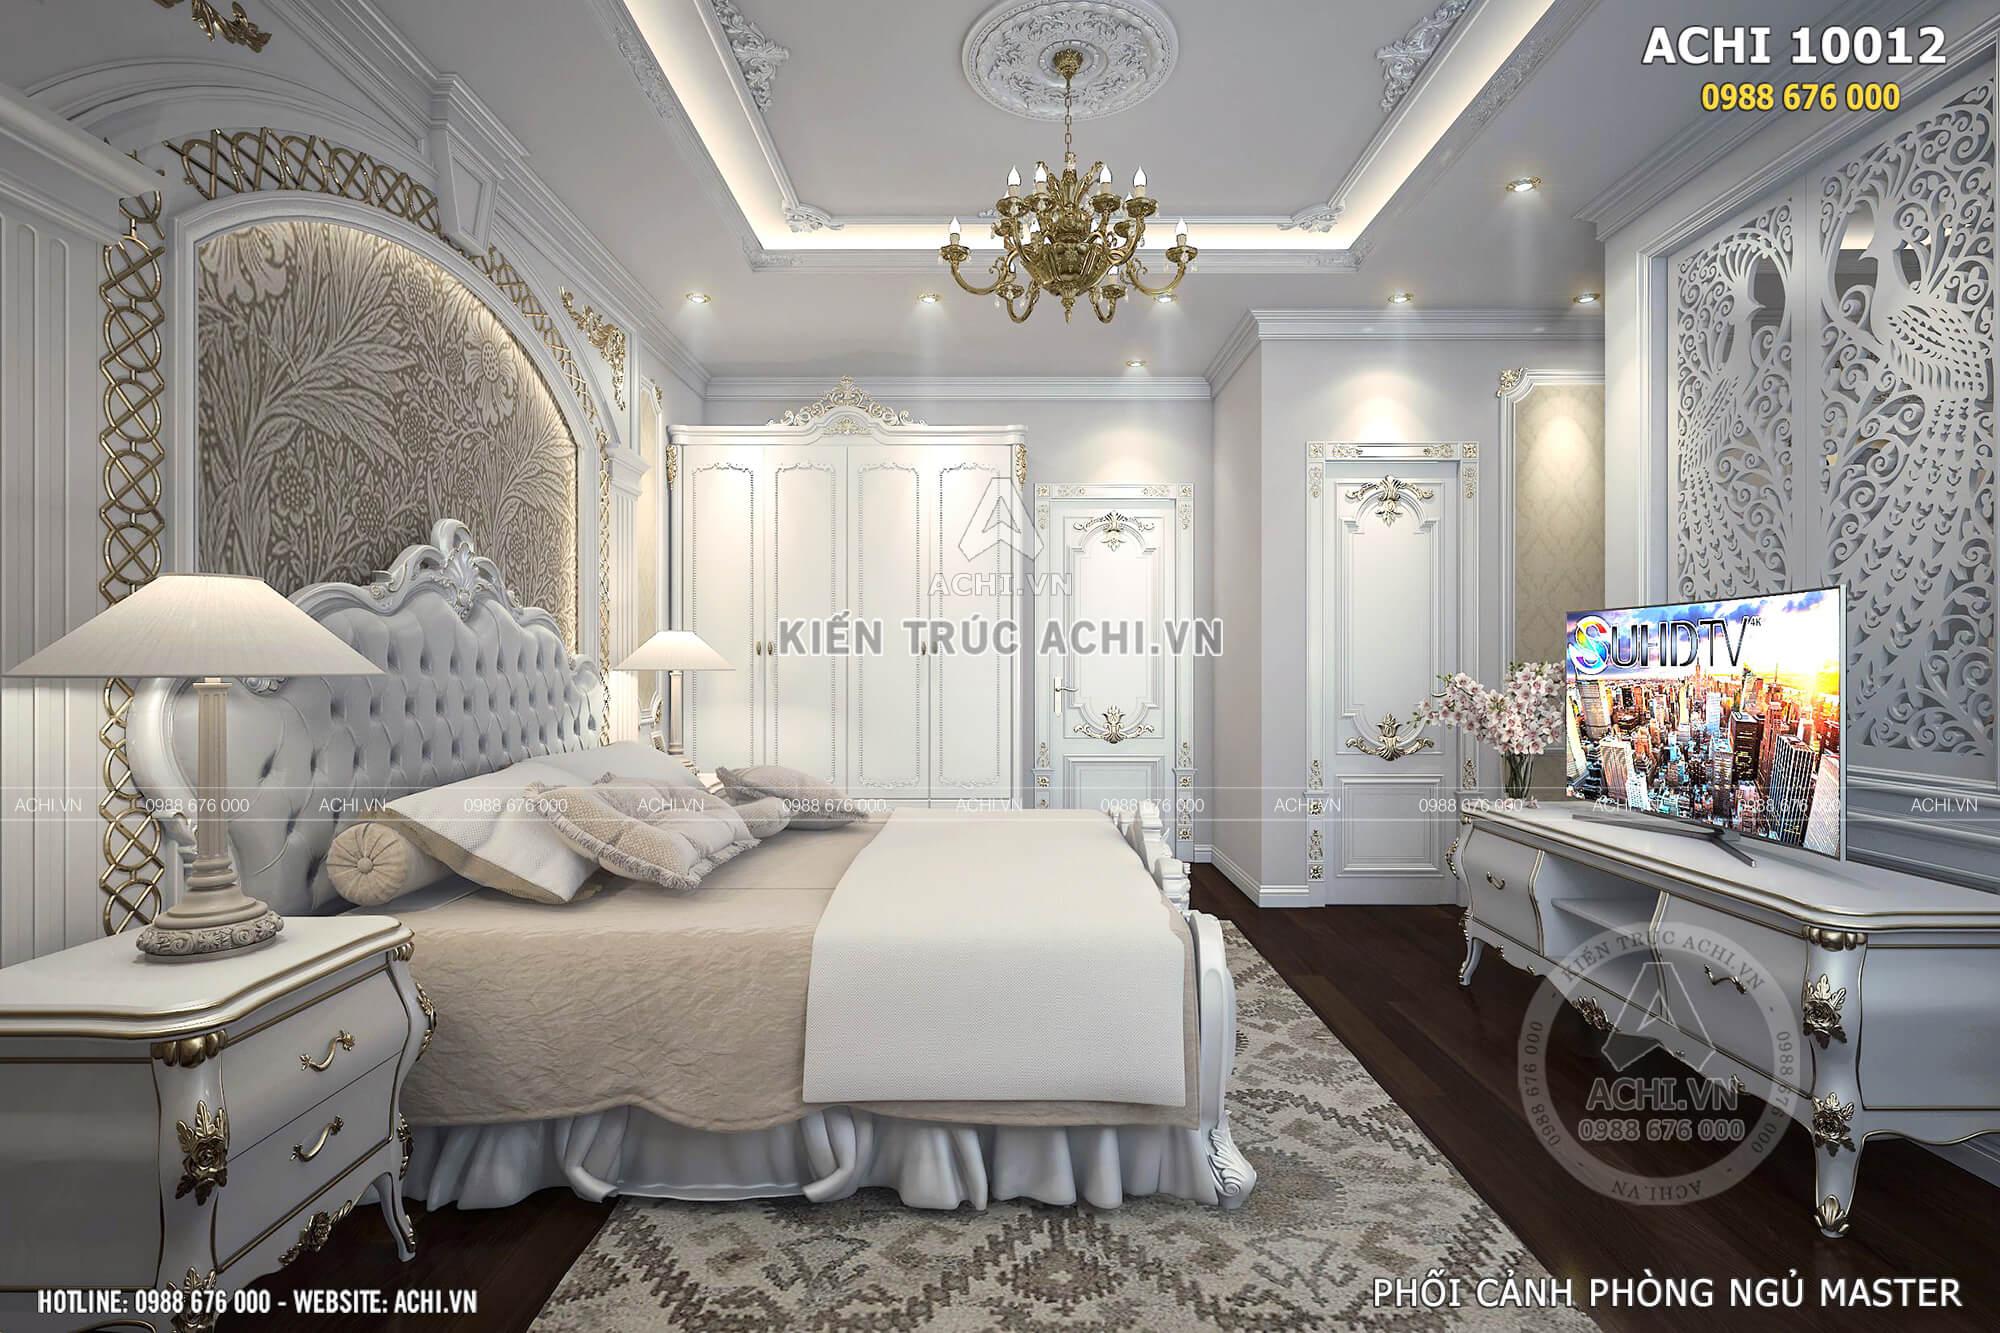 Phòng ngủ Master được bố trí hợp lý và cuốn hút